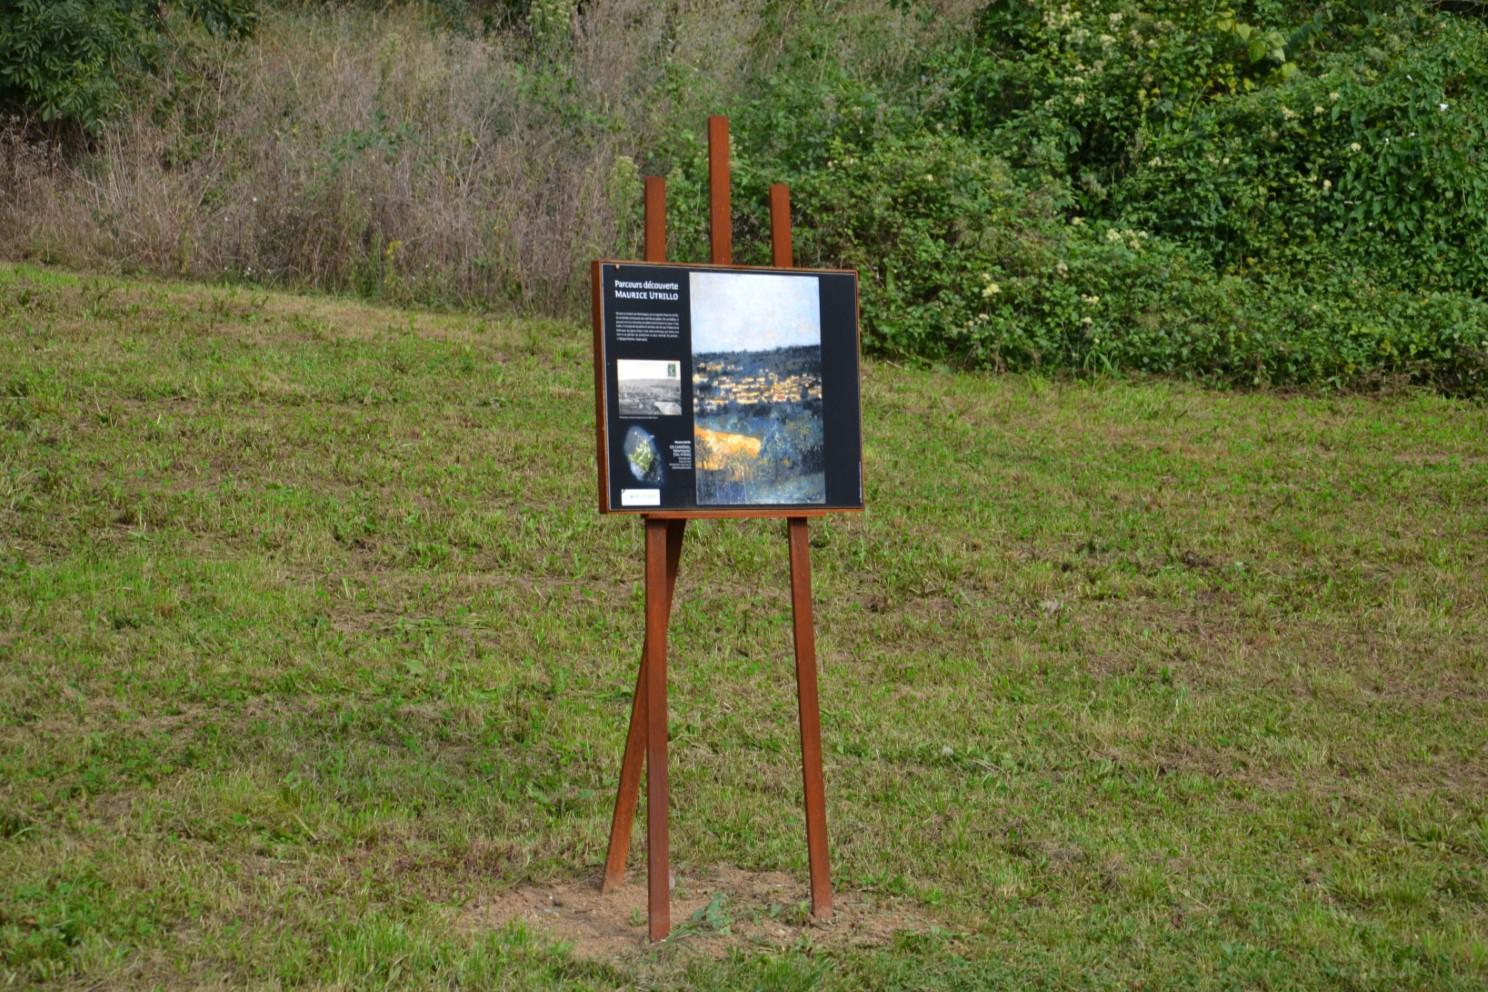 Tableau de Maurice Utrillo exposé sur la Butte Pinson